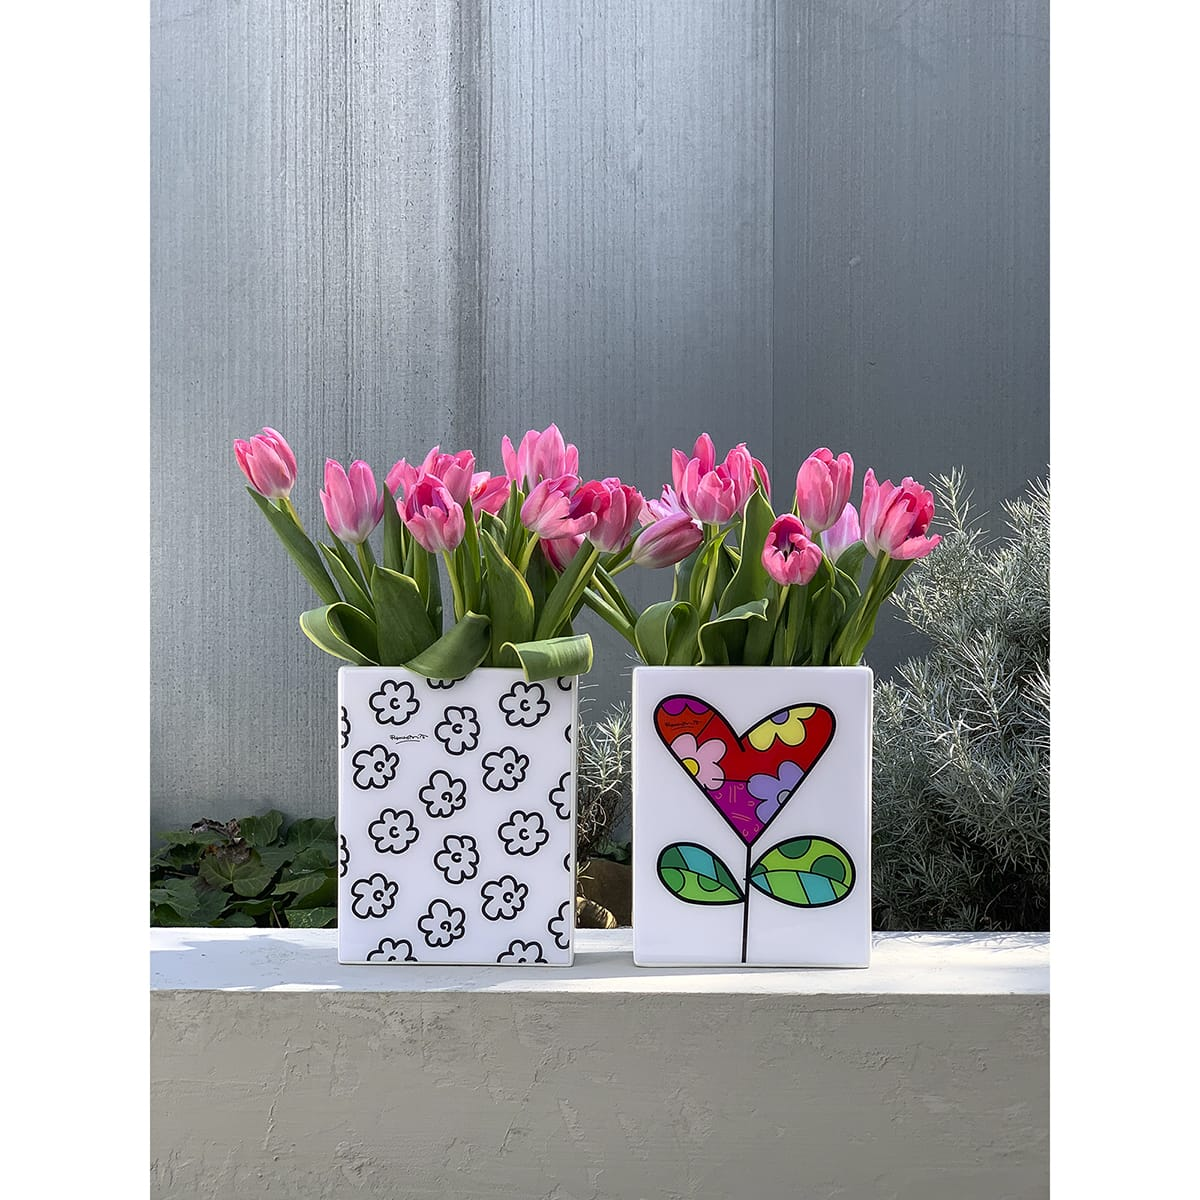 vasi rettangolari bianchi con decori grafici e con dei tulipani rosa